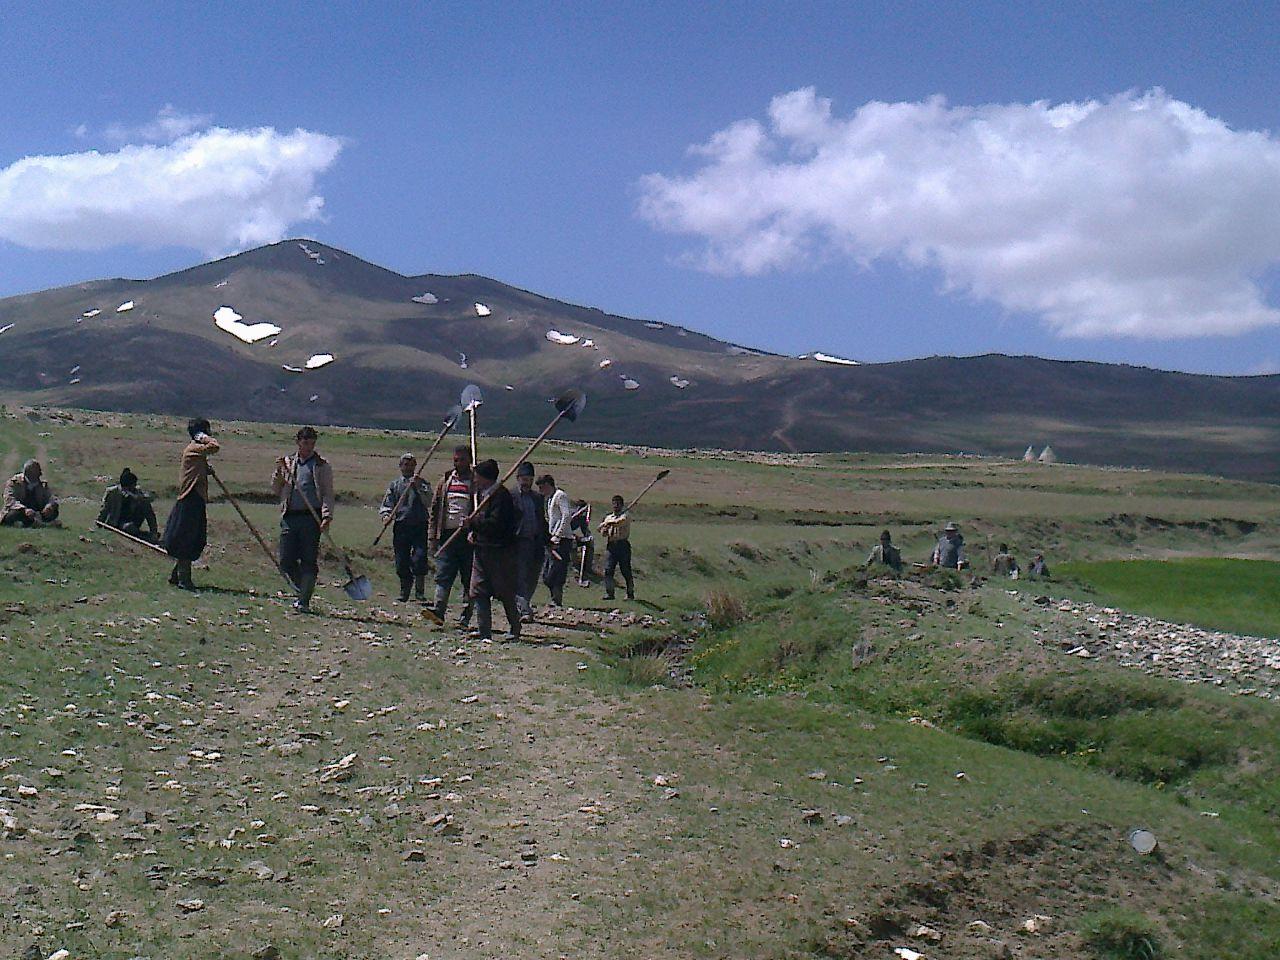 همکاری مردم باهم جهت باز کردن جوی اب جهت ابیاری  زمین های کشاورزی